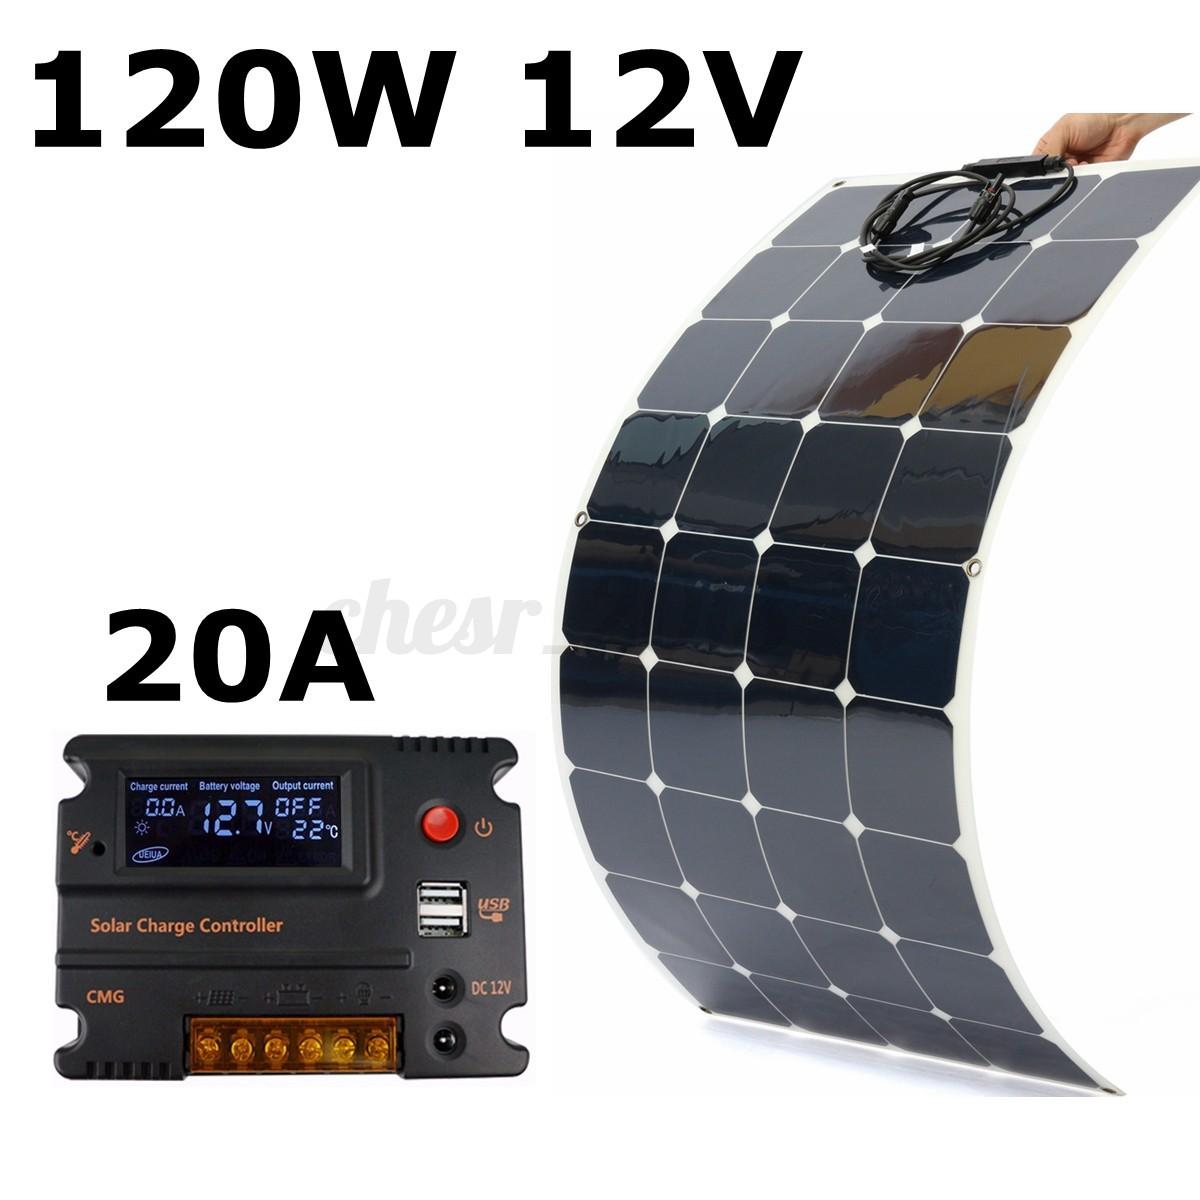 Pannello Solare Per Vw California : Uk v w semi flexible solare pannello regolatore for